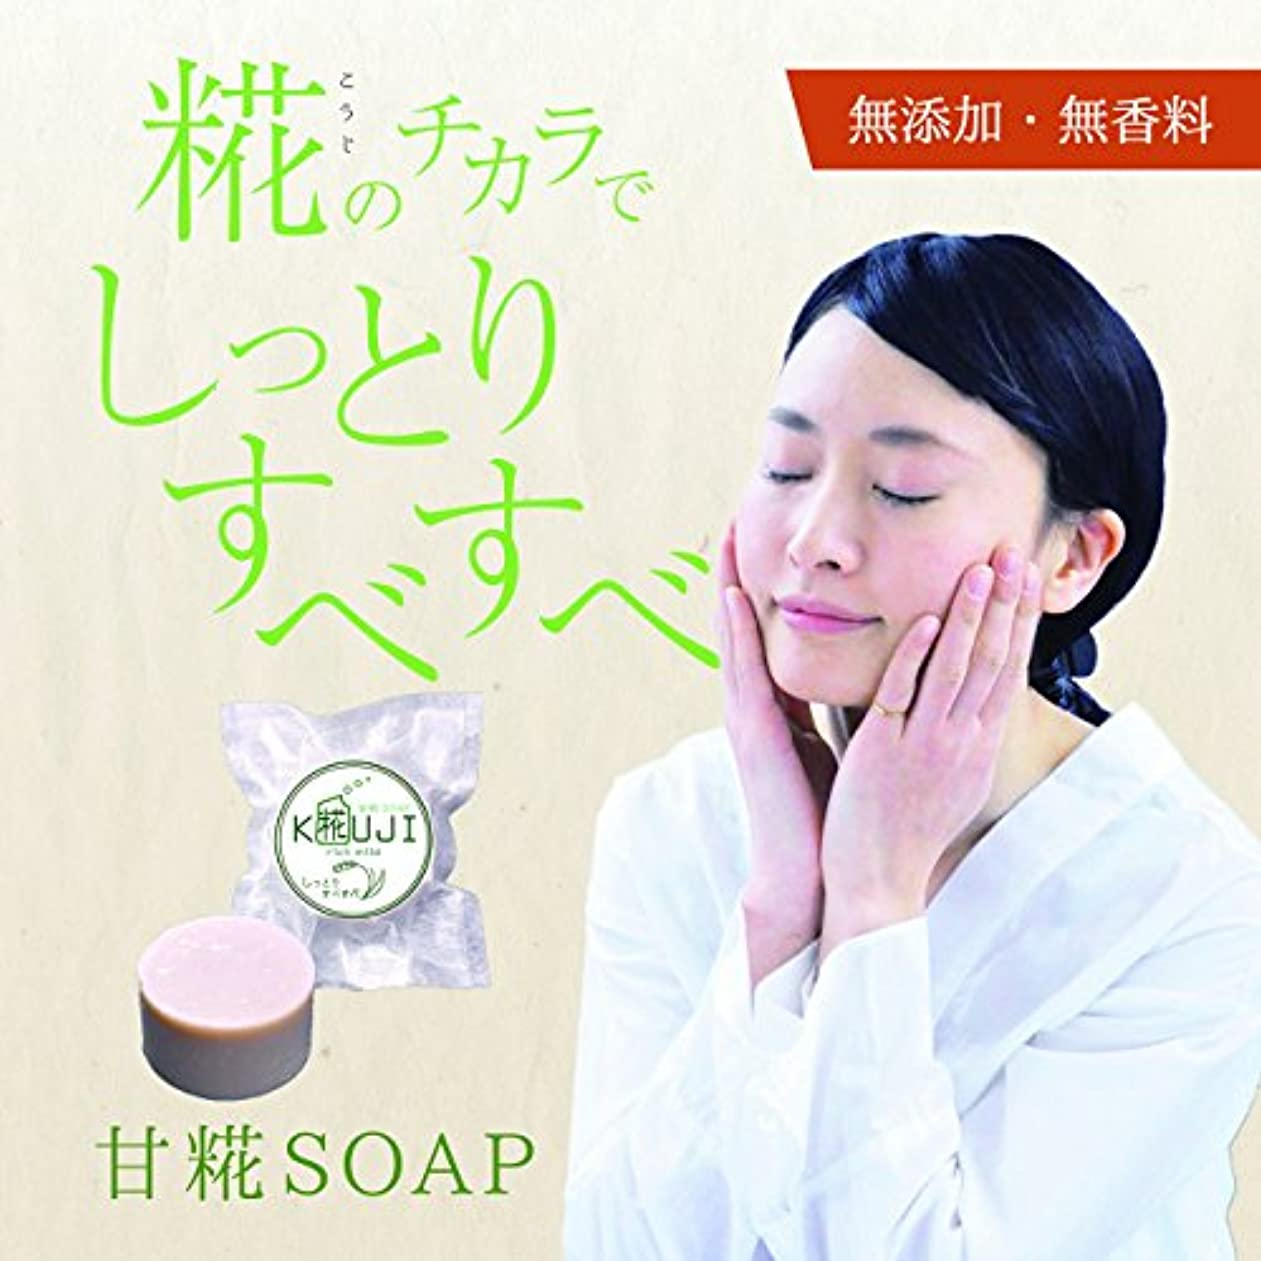 北西財政便利さ甘糀SOAP(リッチマイルド)